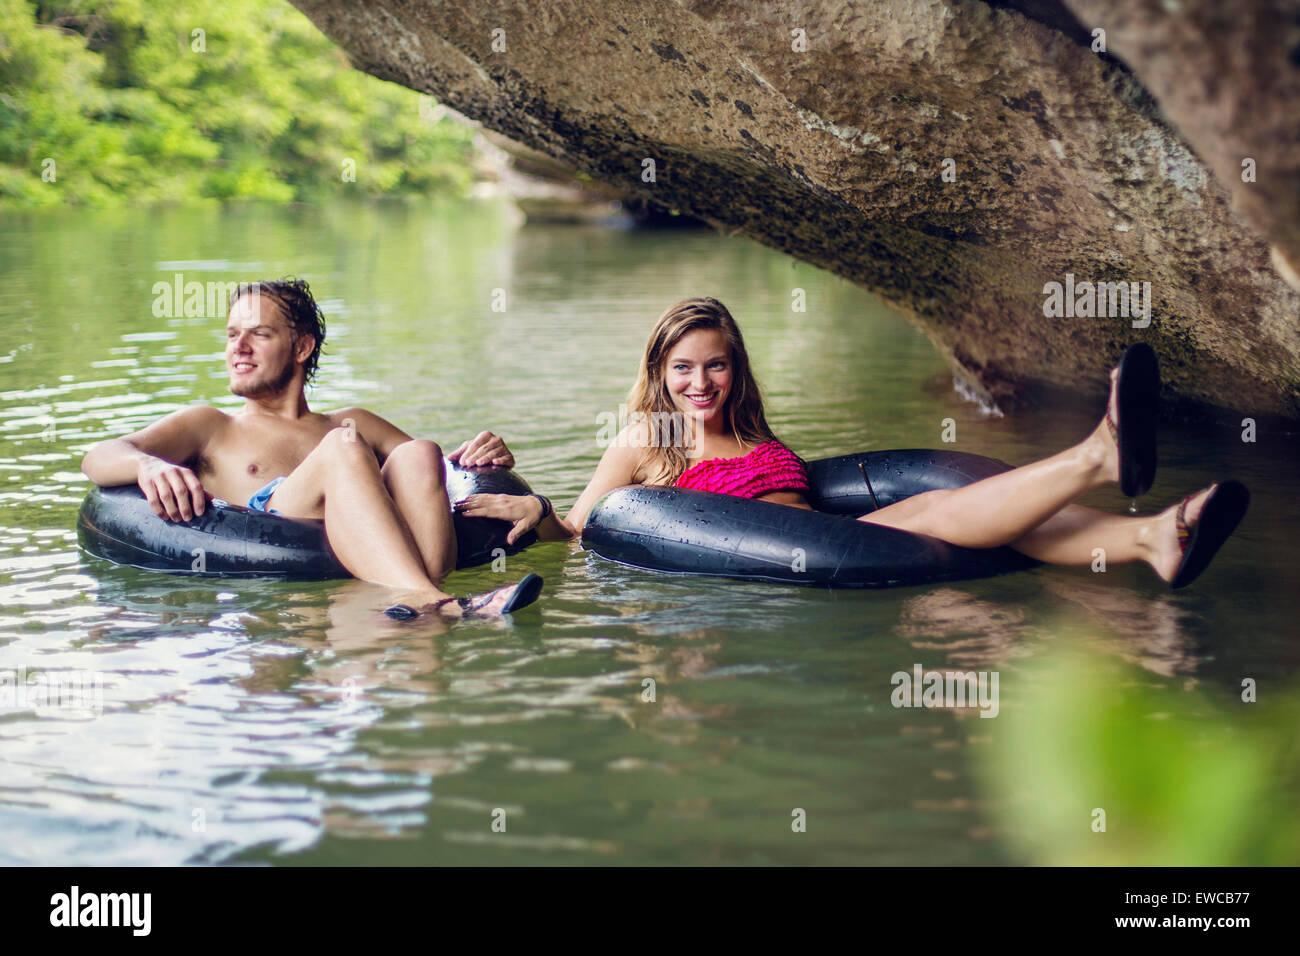 Un jeune couple tuyaux le long d'une rivière. Photo Stock